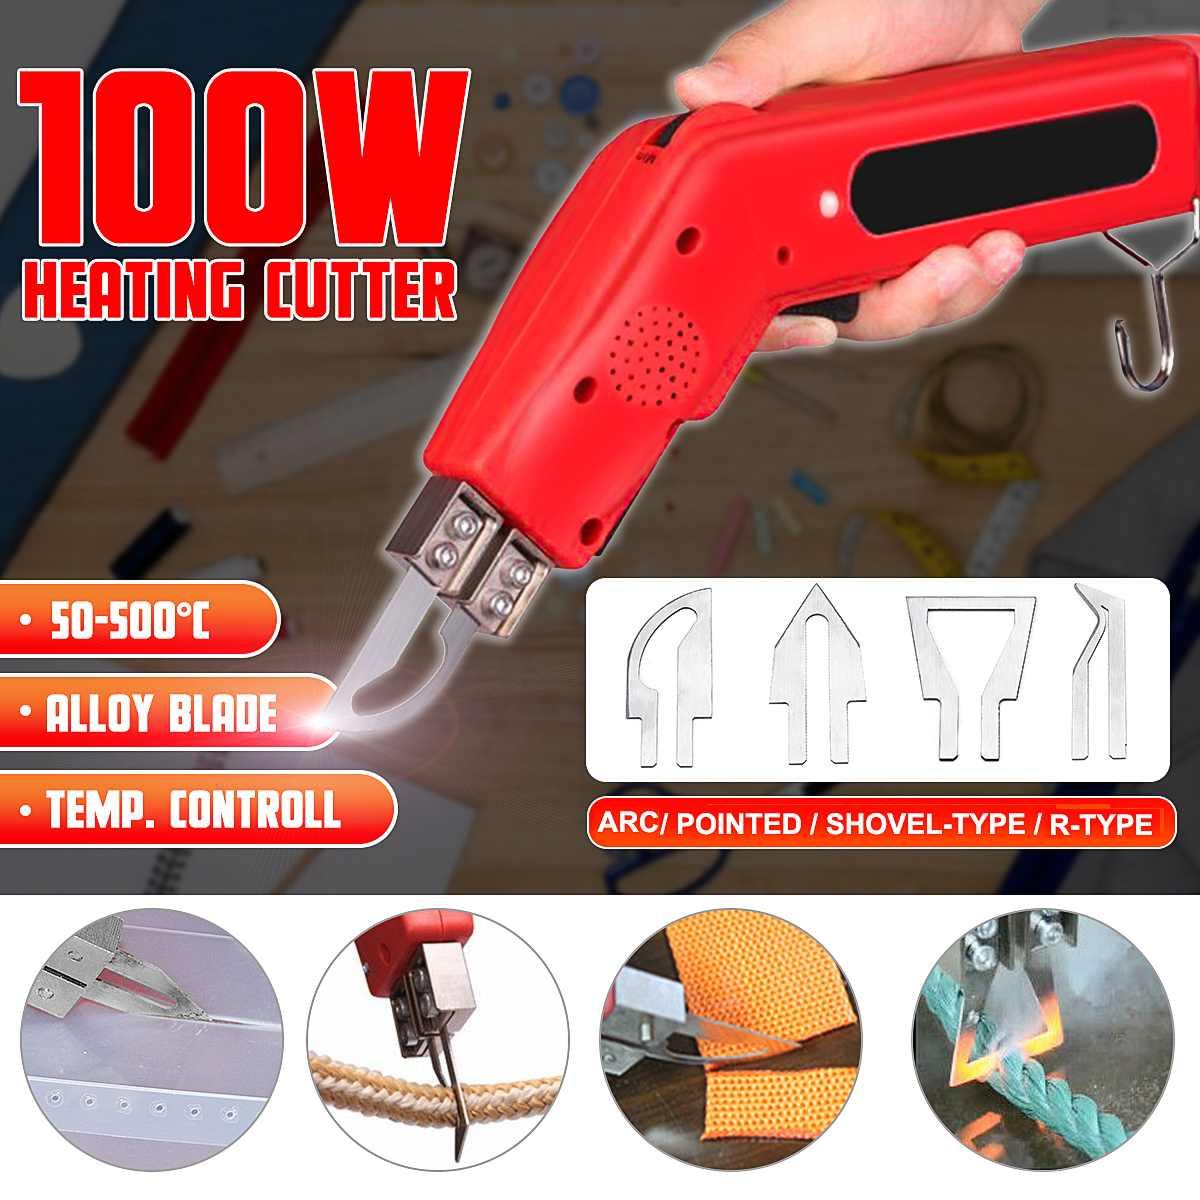 أداة قطع سكين تسخين يدوية أداة قطع قماش وحبل إسفنج أداة قطع كهربائية أداة قطع سكين حراري 220-240 فولت 100 واط